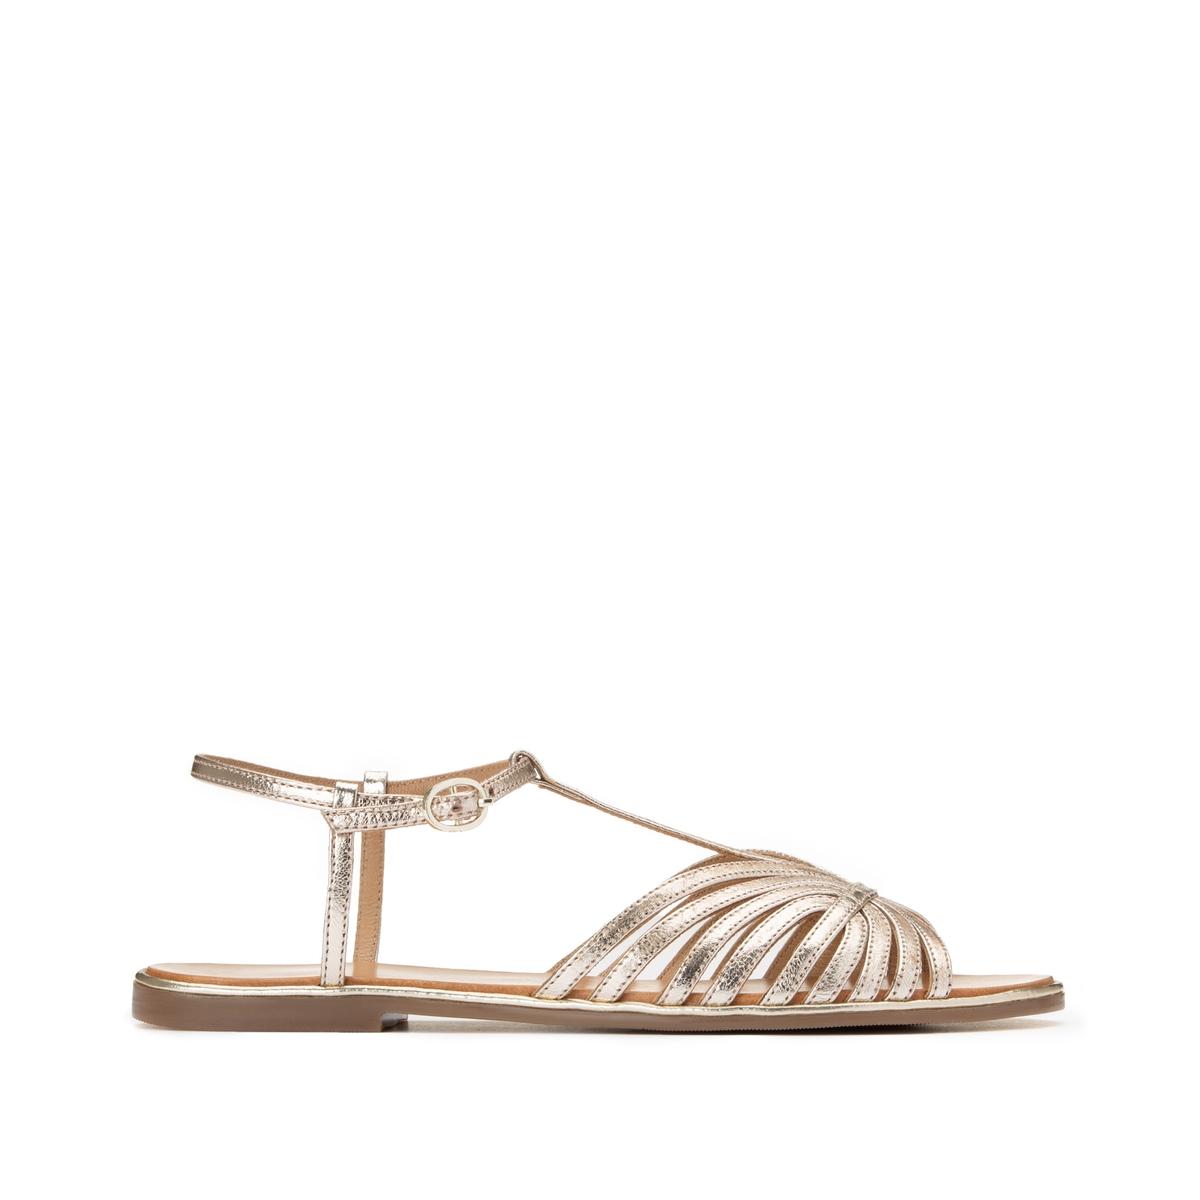 Sandalias de piel con tacón plana y múltiples correas